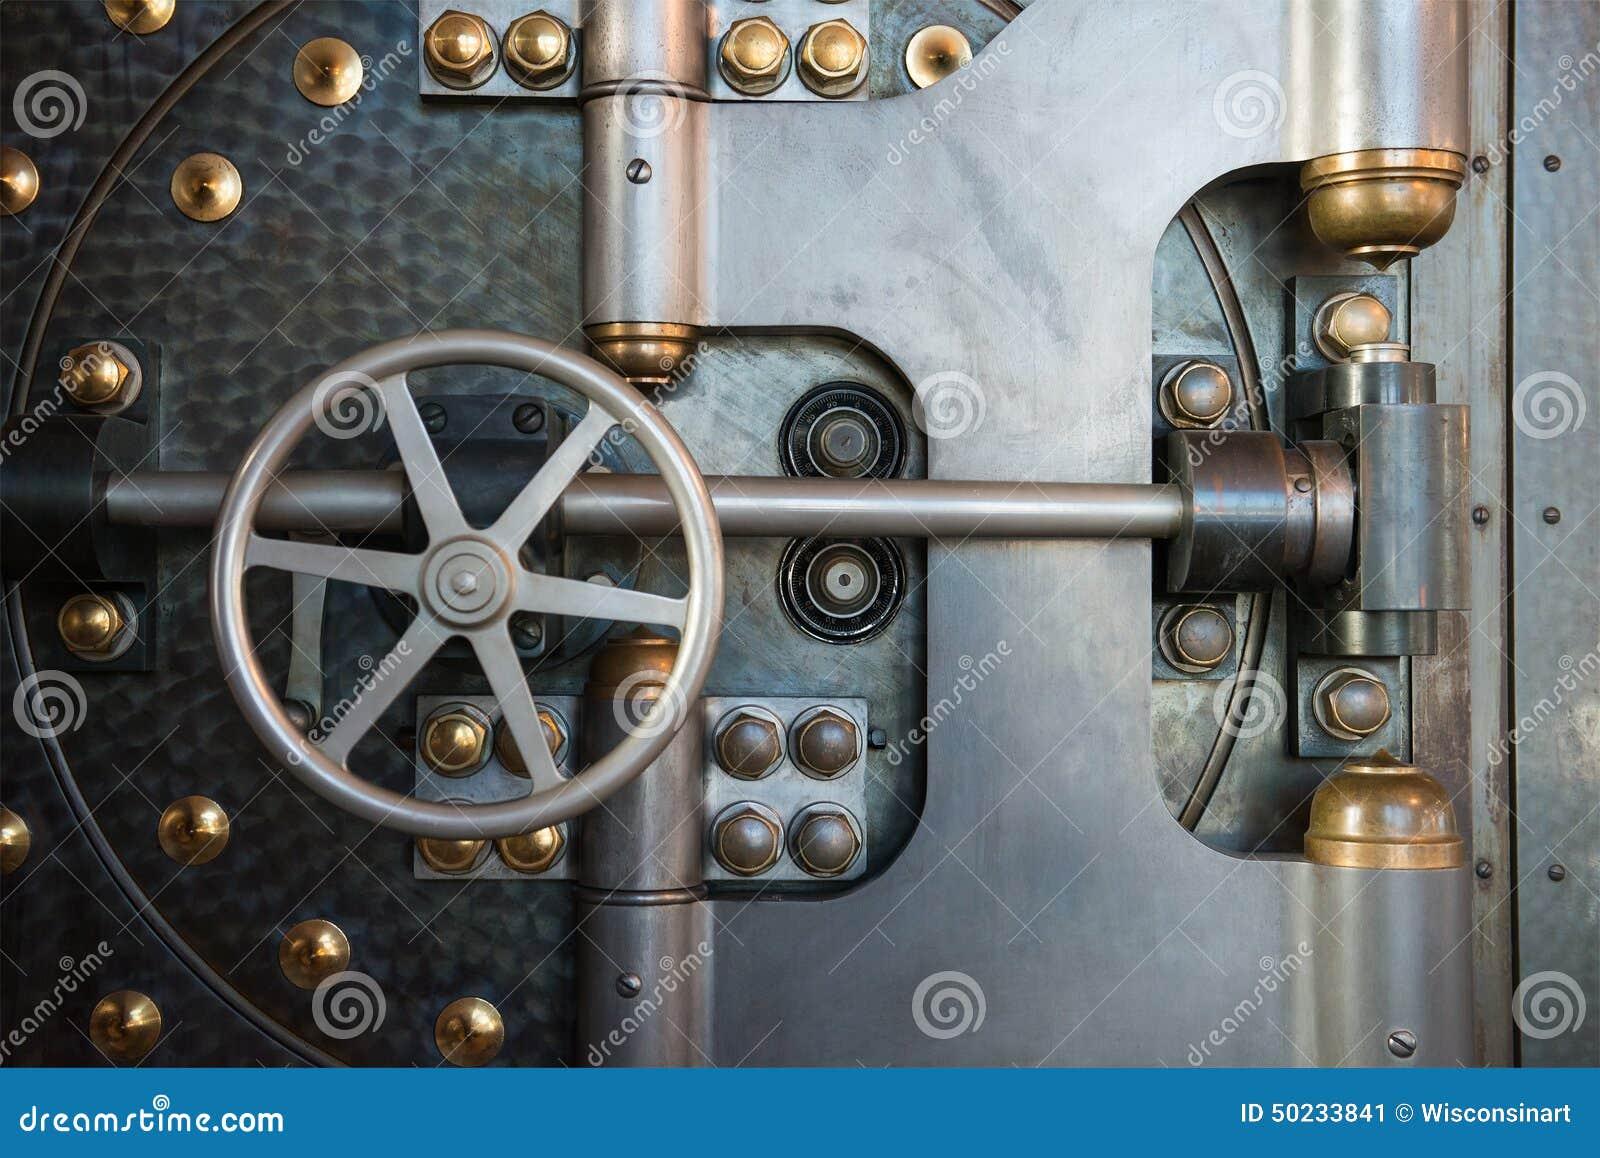 Coffre fort de porte de chambre forte de banque de vintage photo stock image 50233841 for Porte pour chambre forte